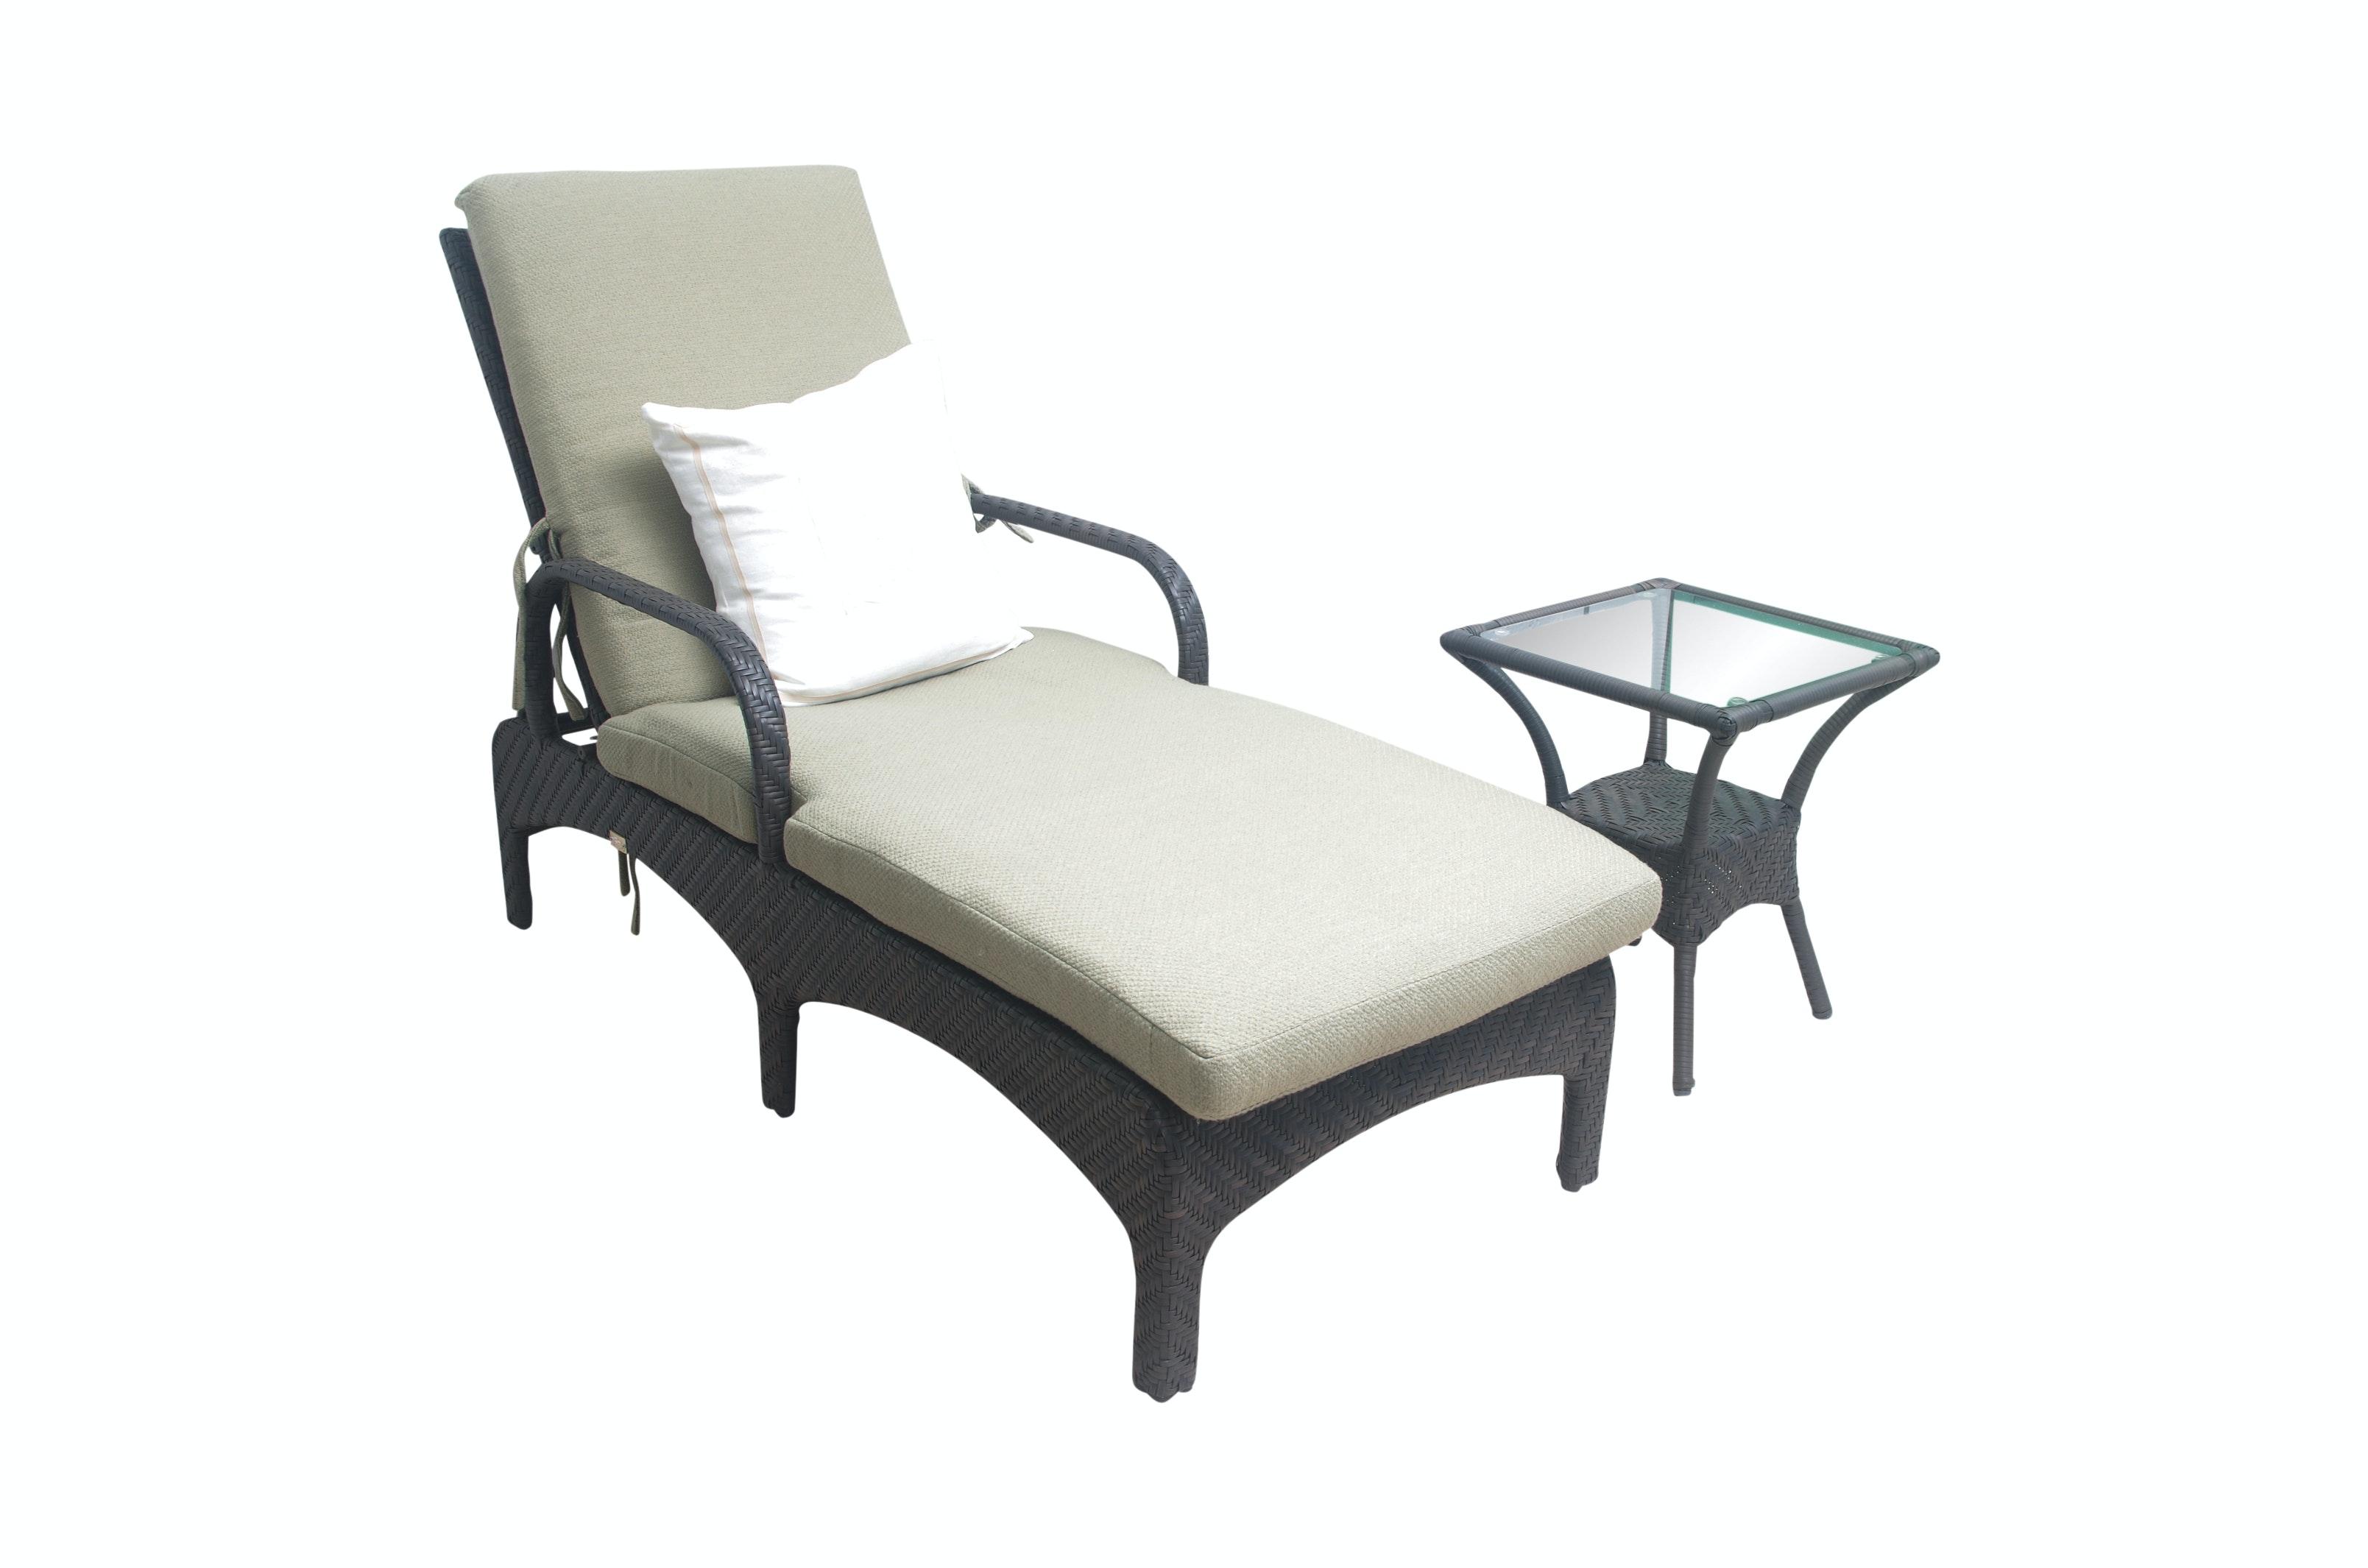 Ebel Outdoor Furniture